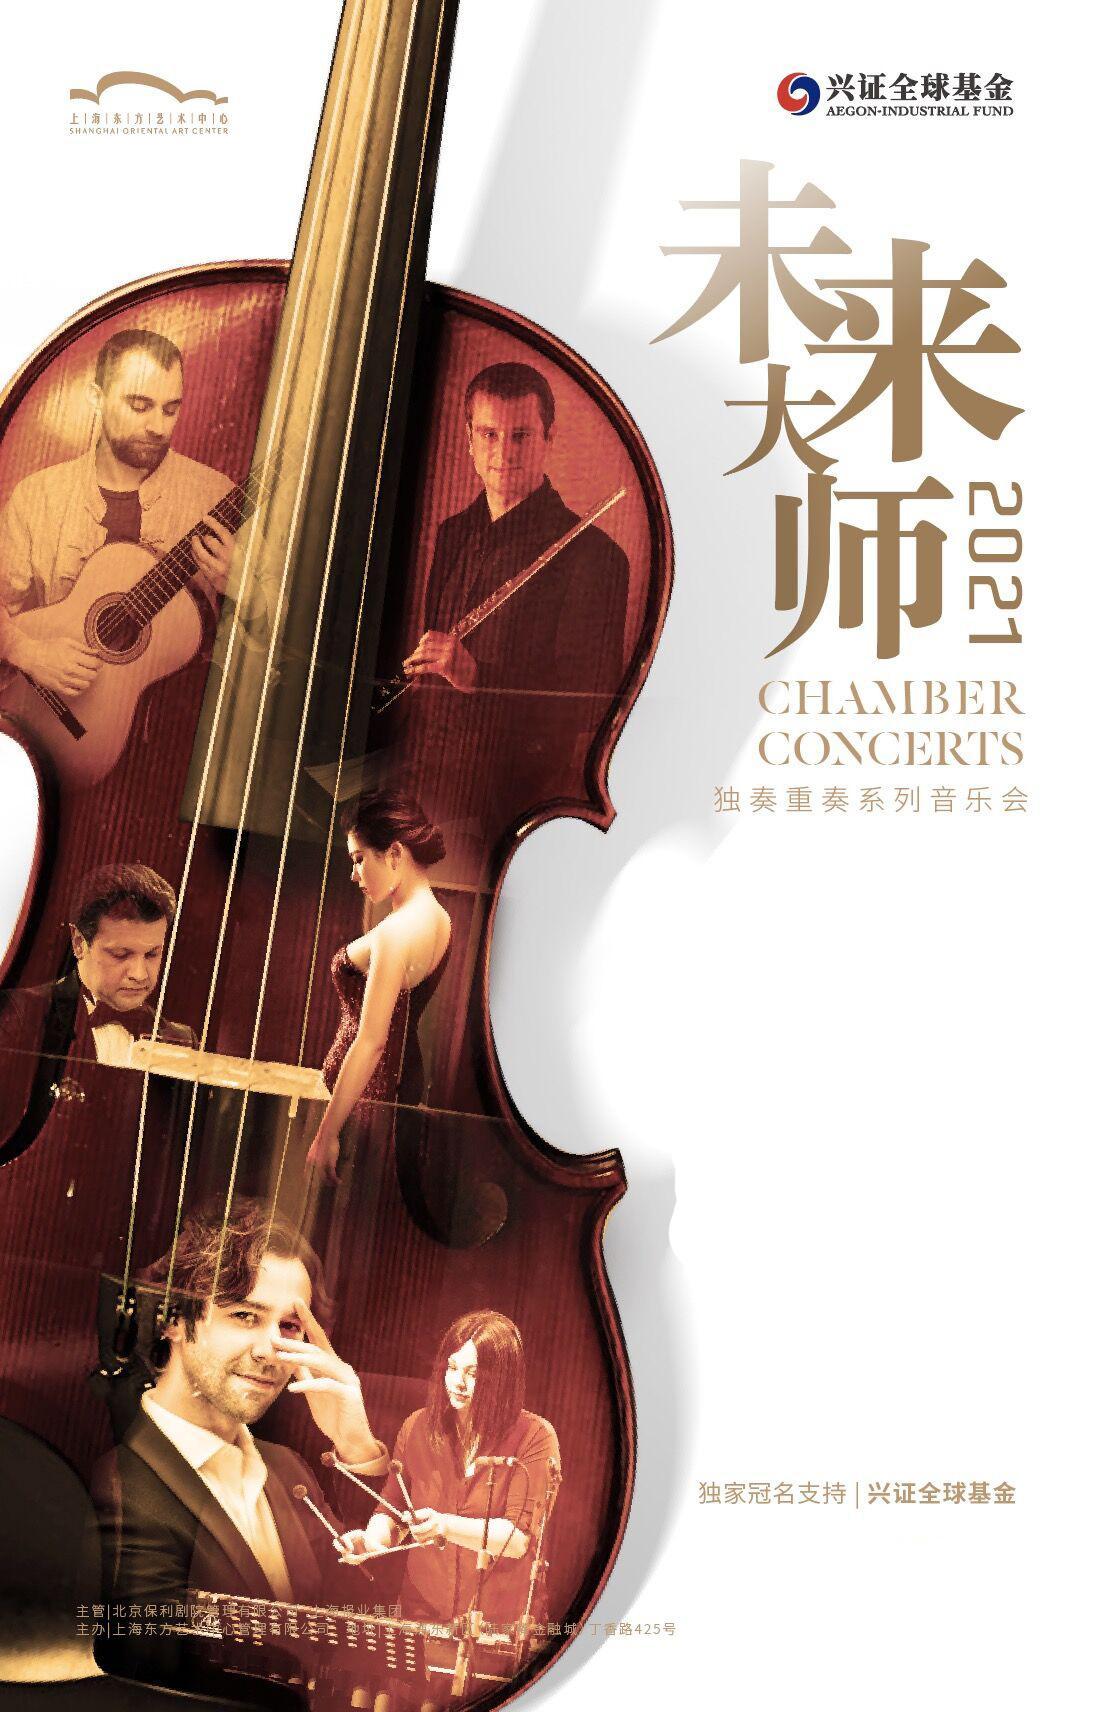 【上海站】未来大师 图画展览会——旅美钢琴家罗维独奏音乐会